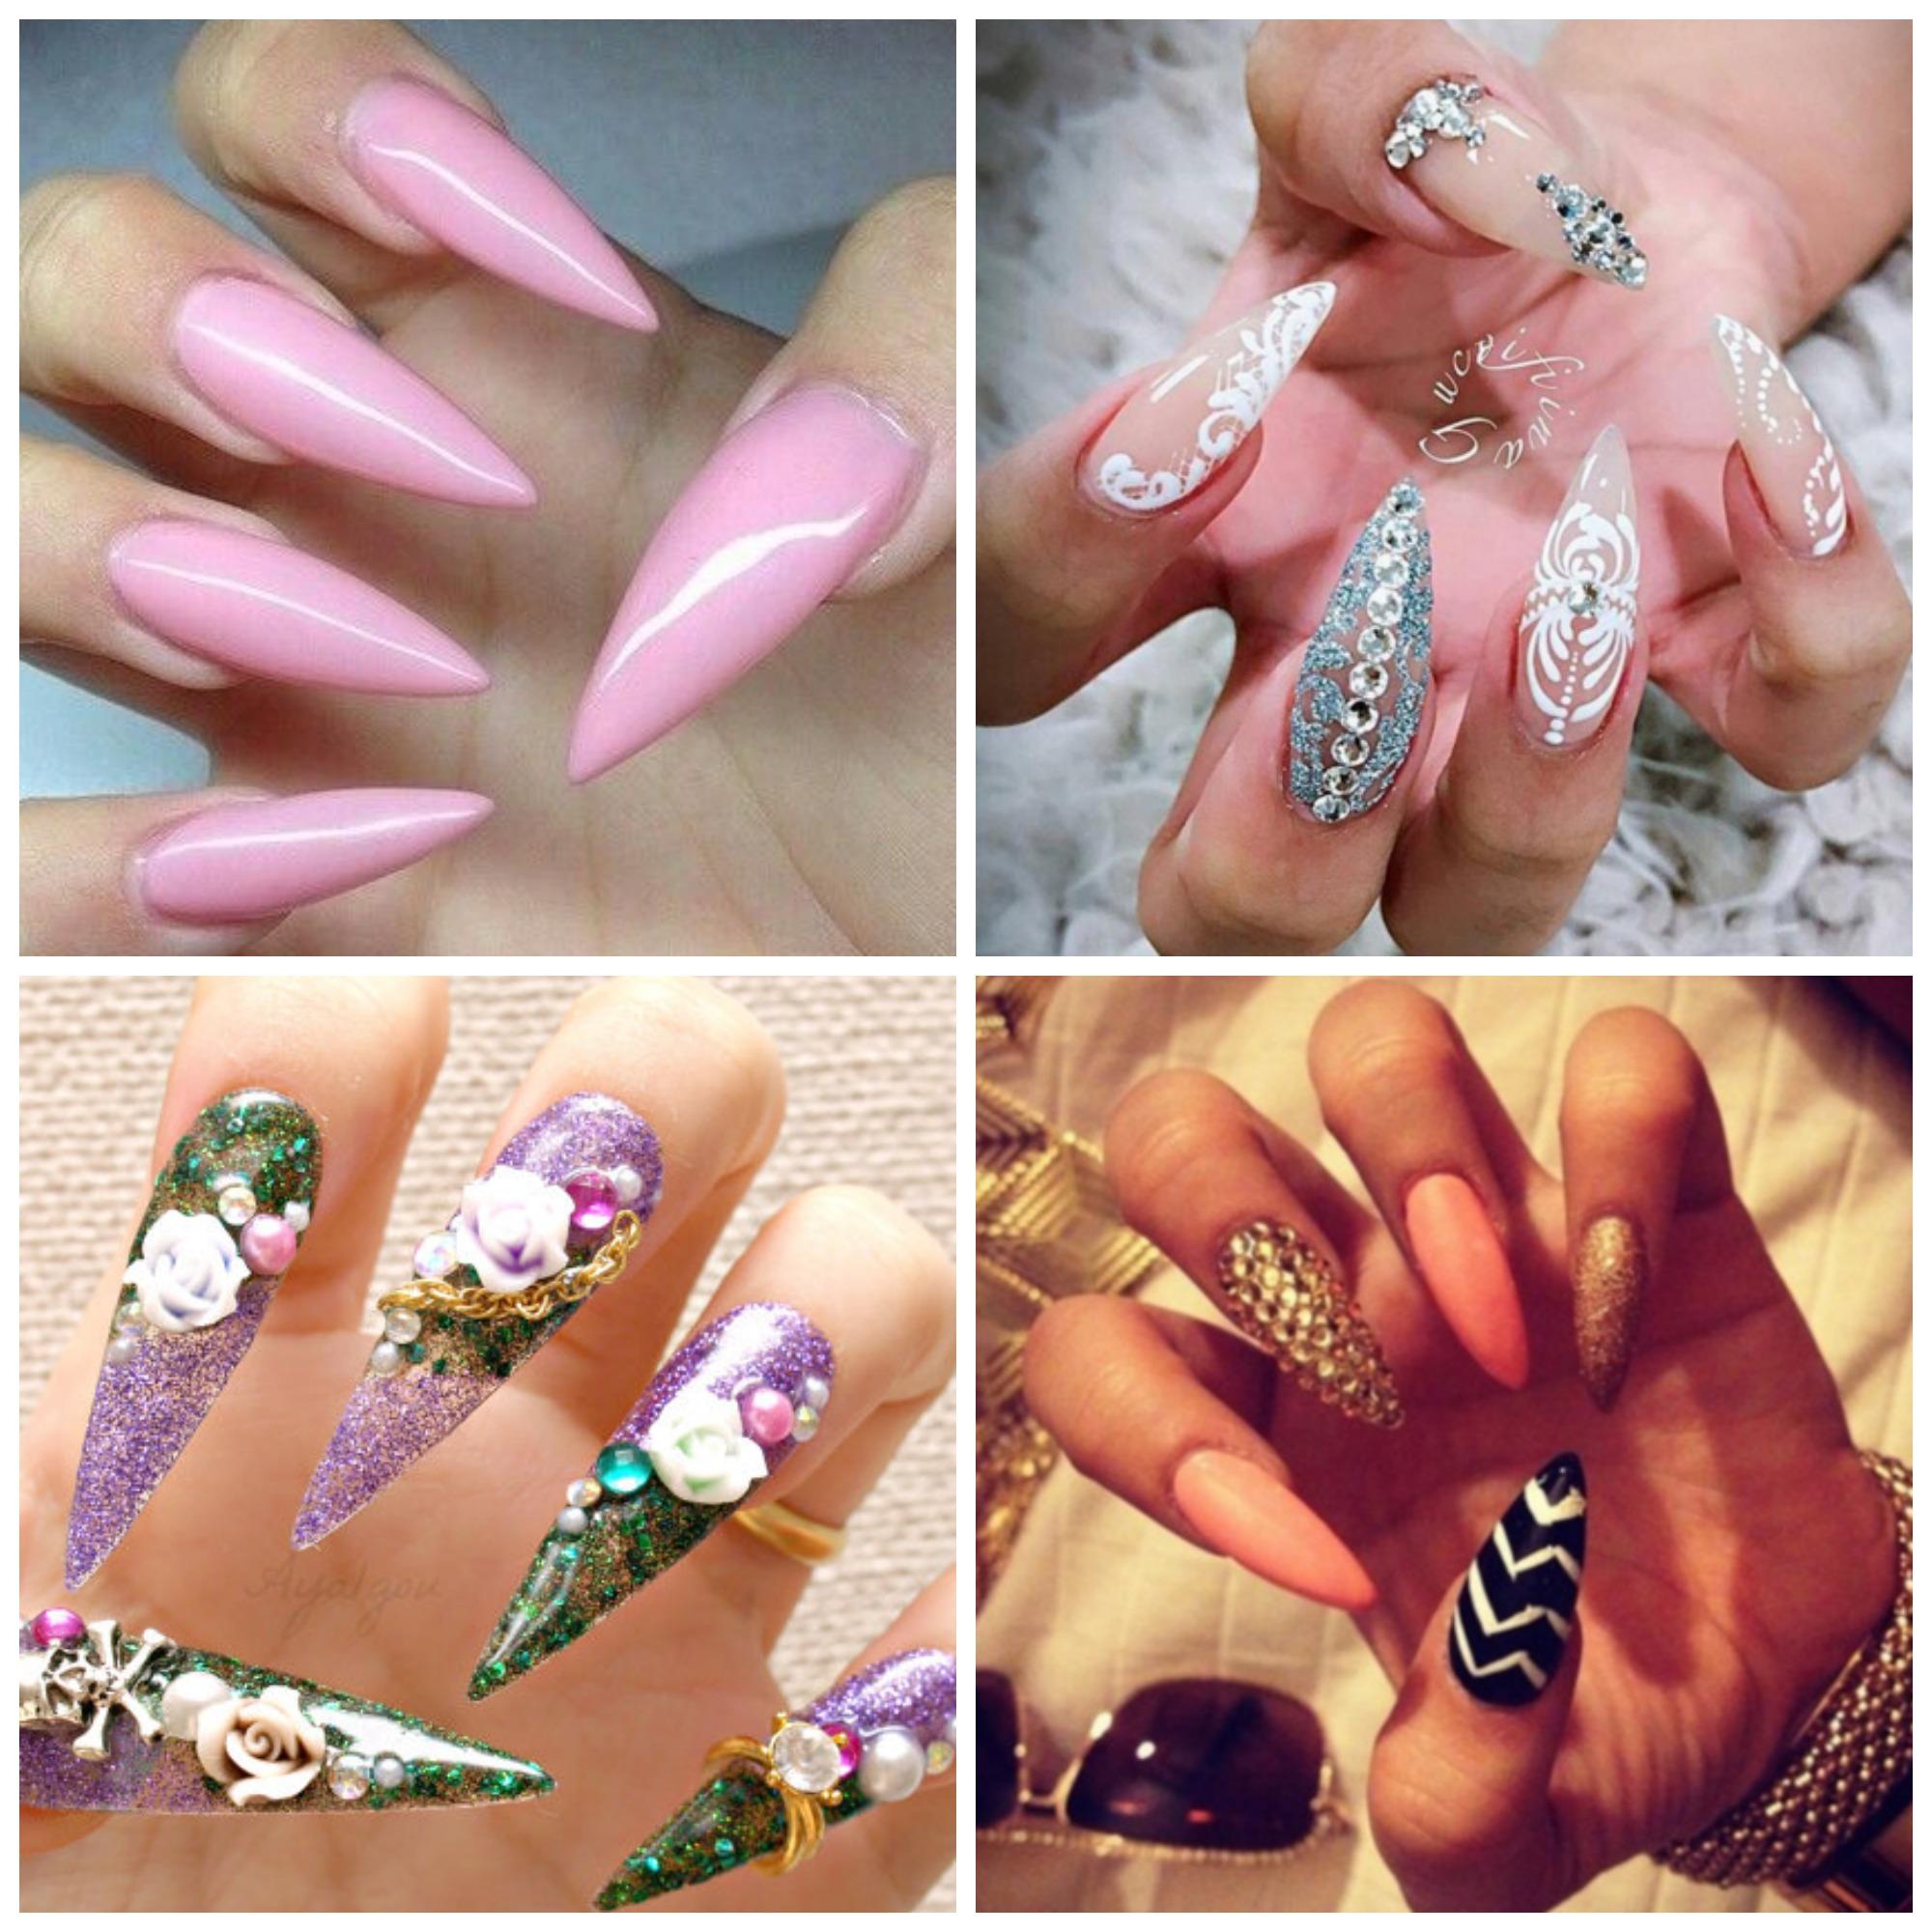 naglar.jpg